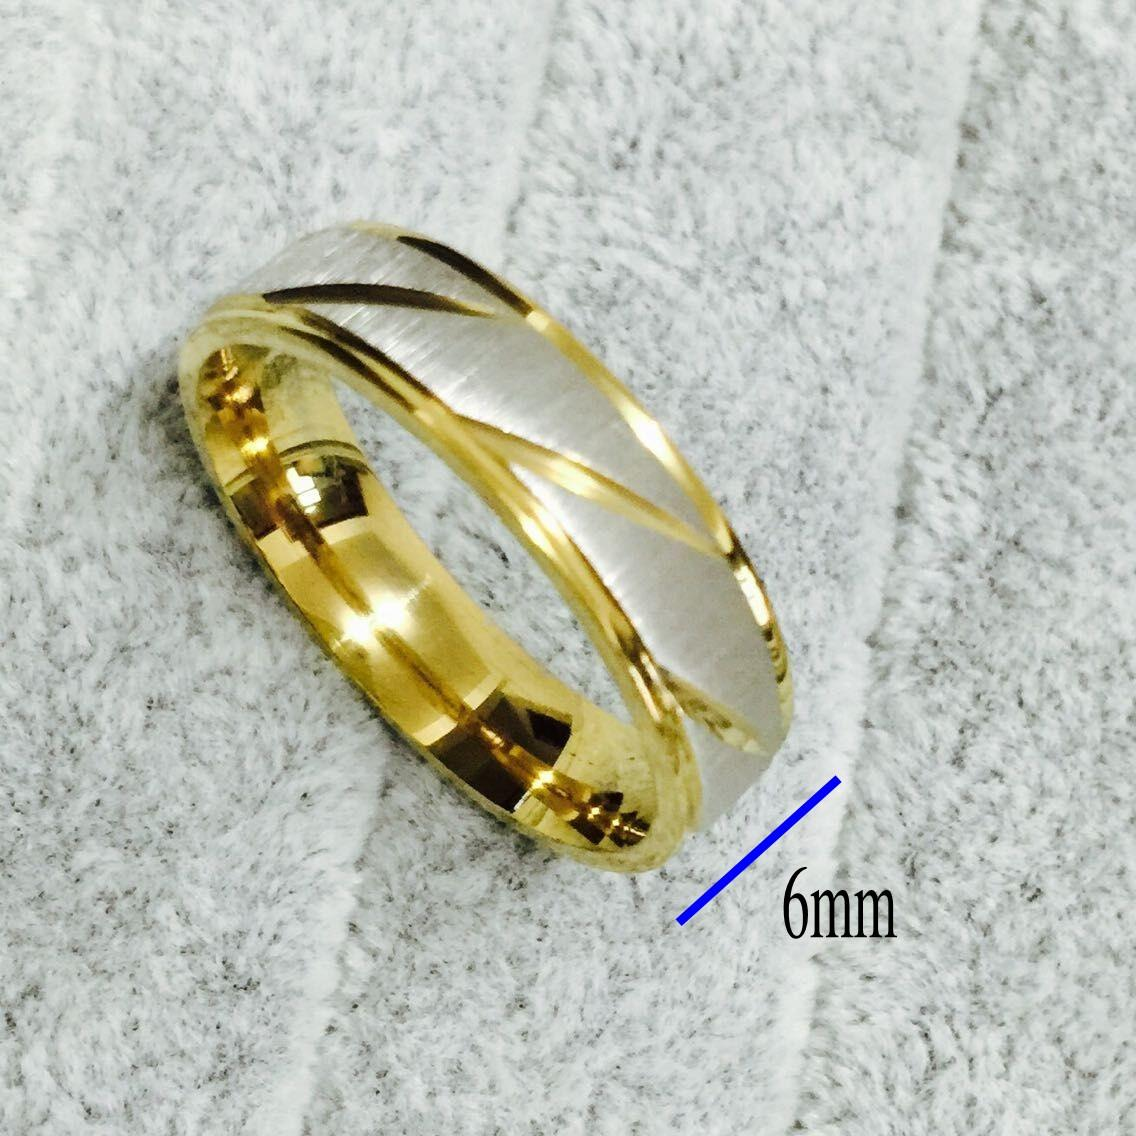 18K Gold Silber vergoldet Edelstahl koreanische Liebe Ringe für Männer Frauen Engagement Jubiläum Liebhaber, sein und ihr Versprechen 2 Ton